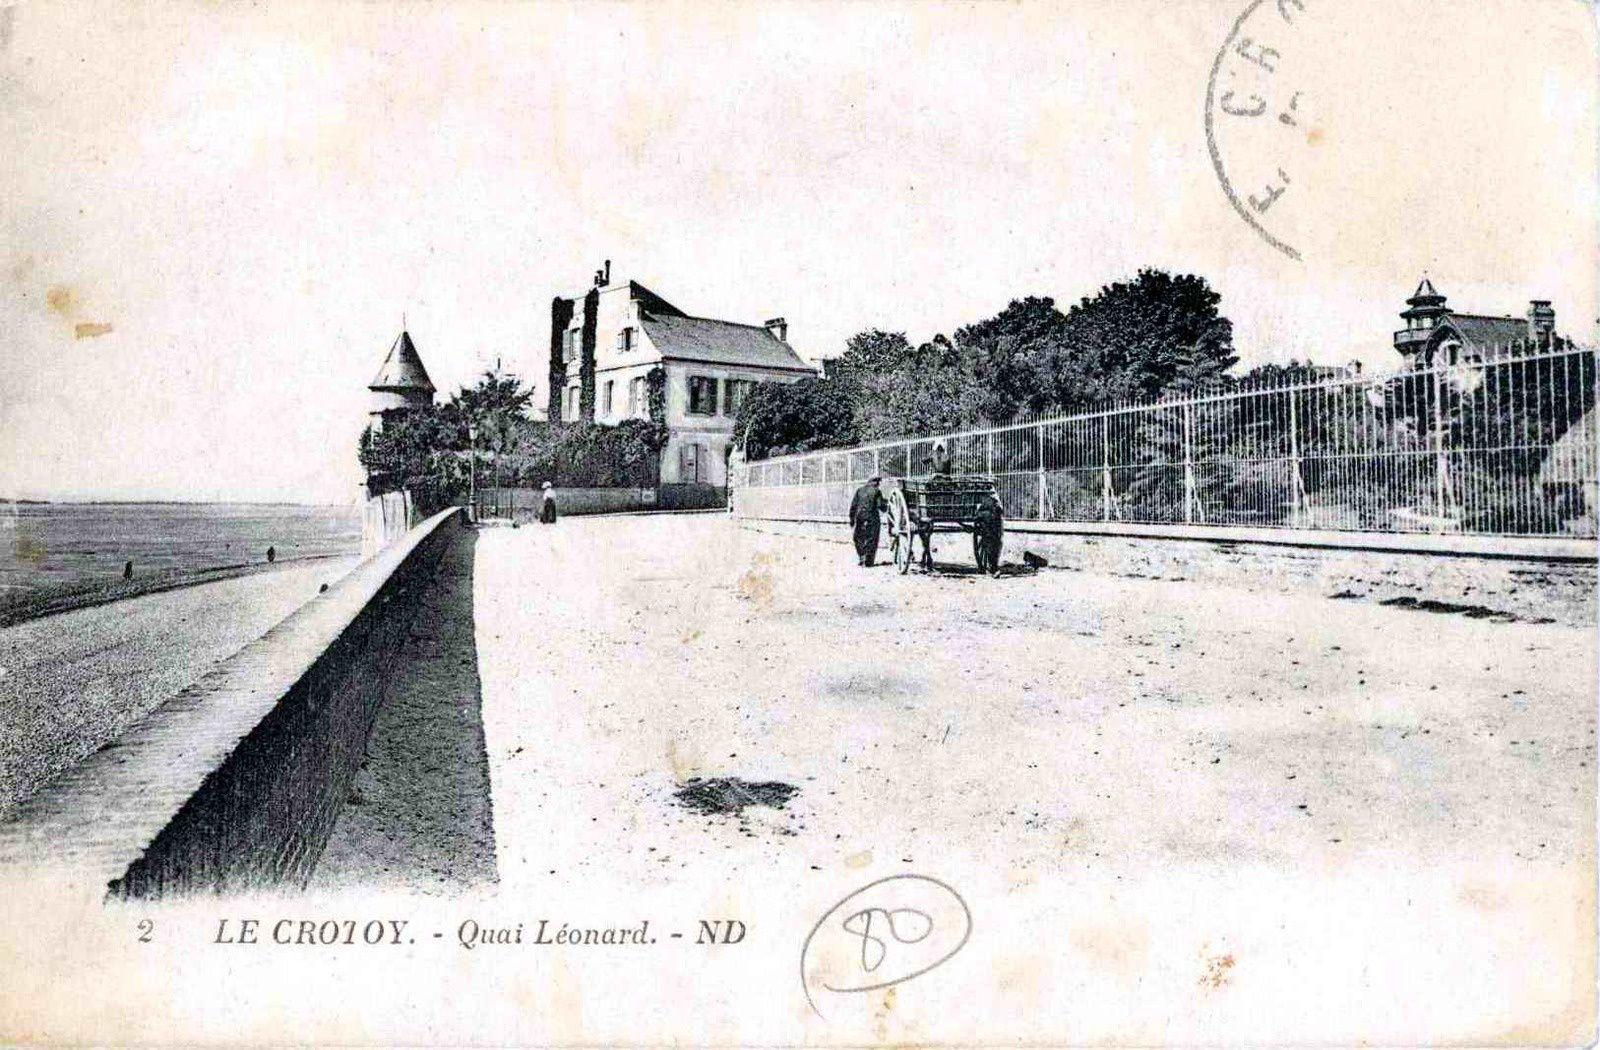 le crotoy, sur la plage